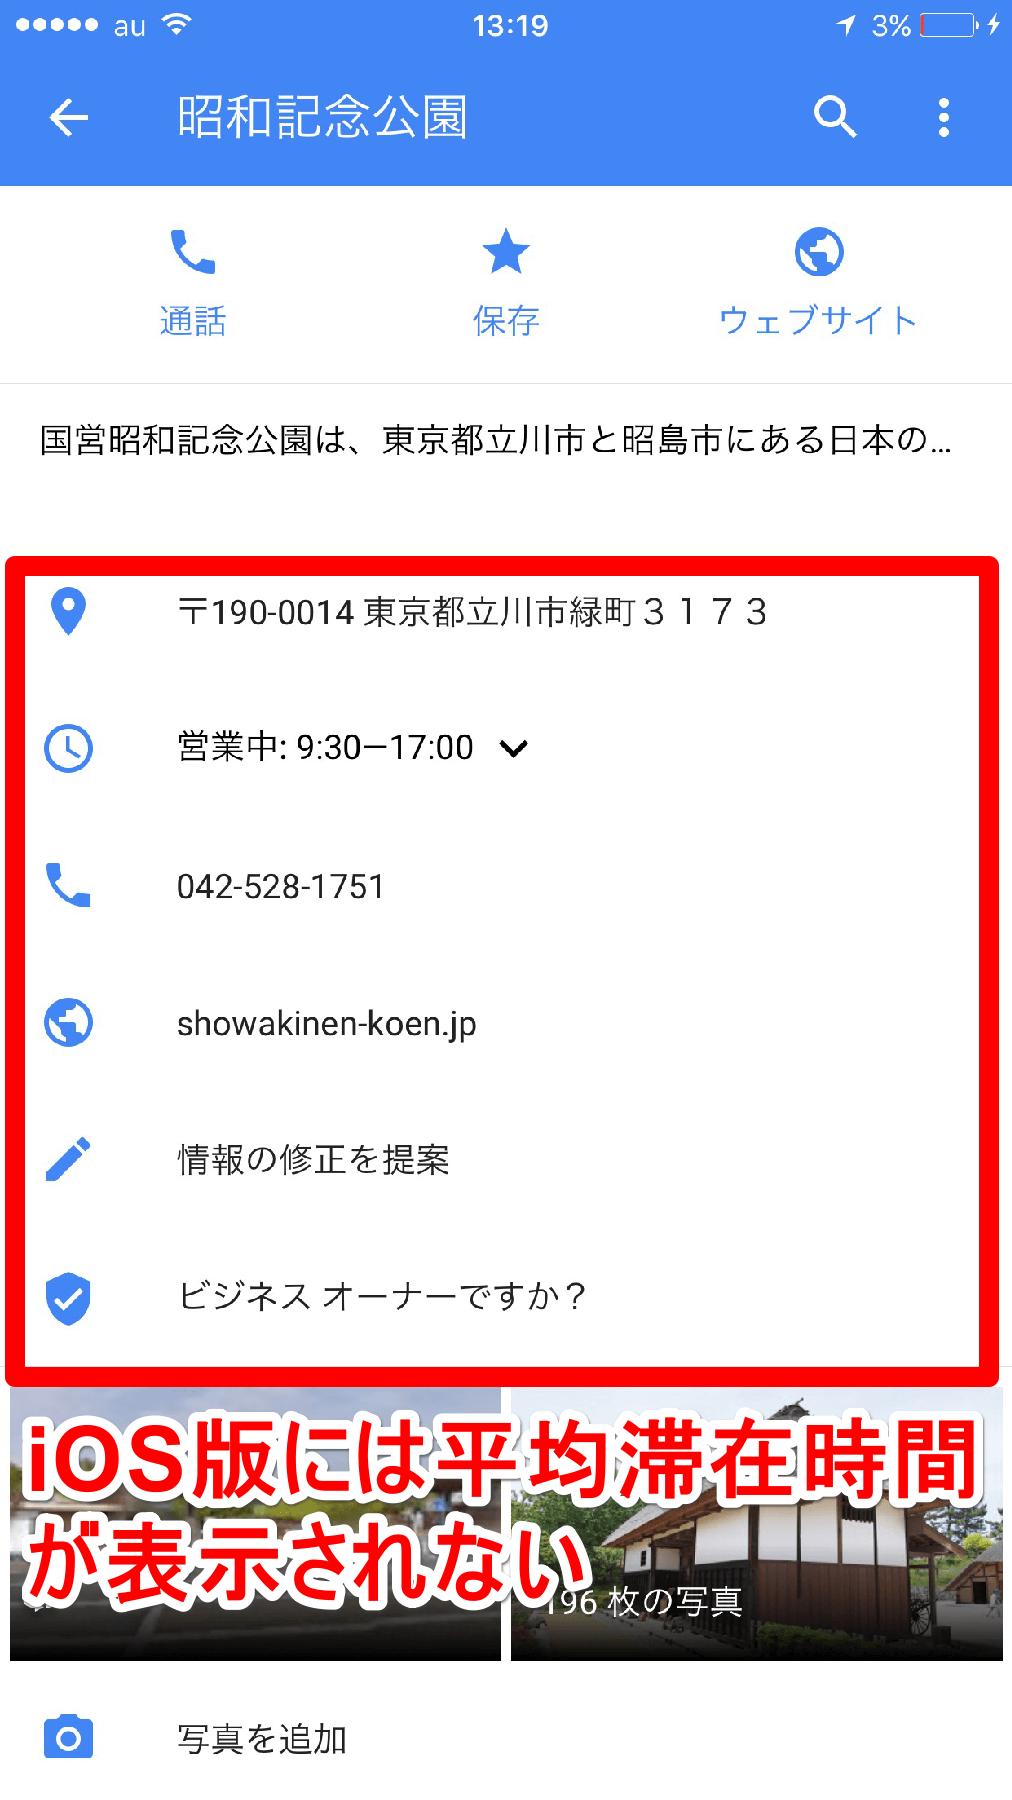 iOS版のグーグルマップの画面